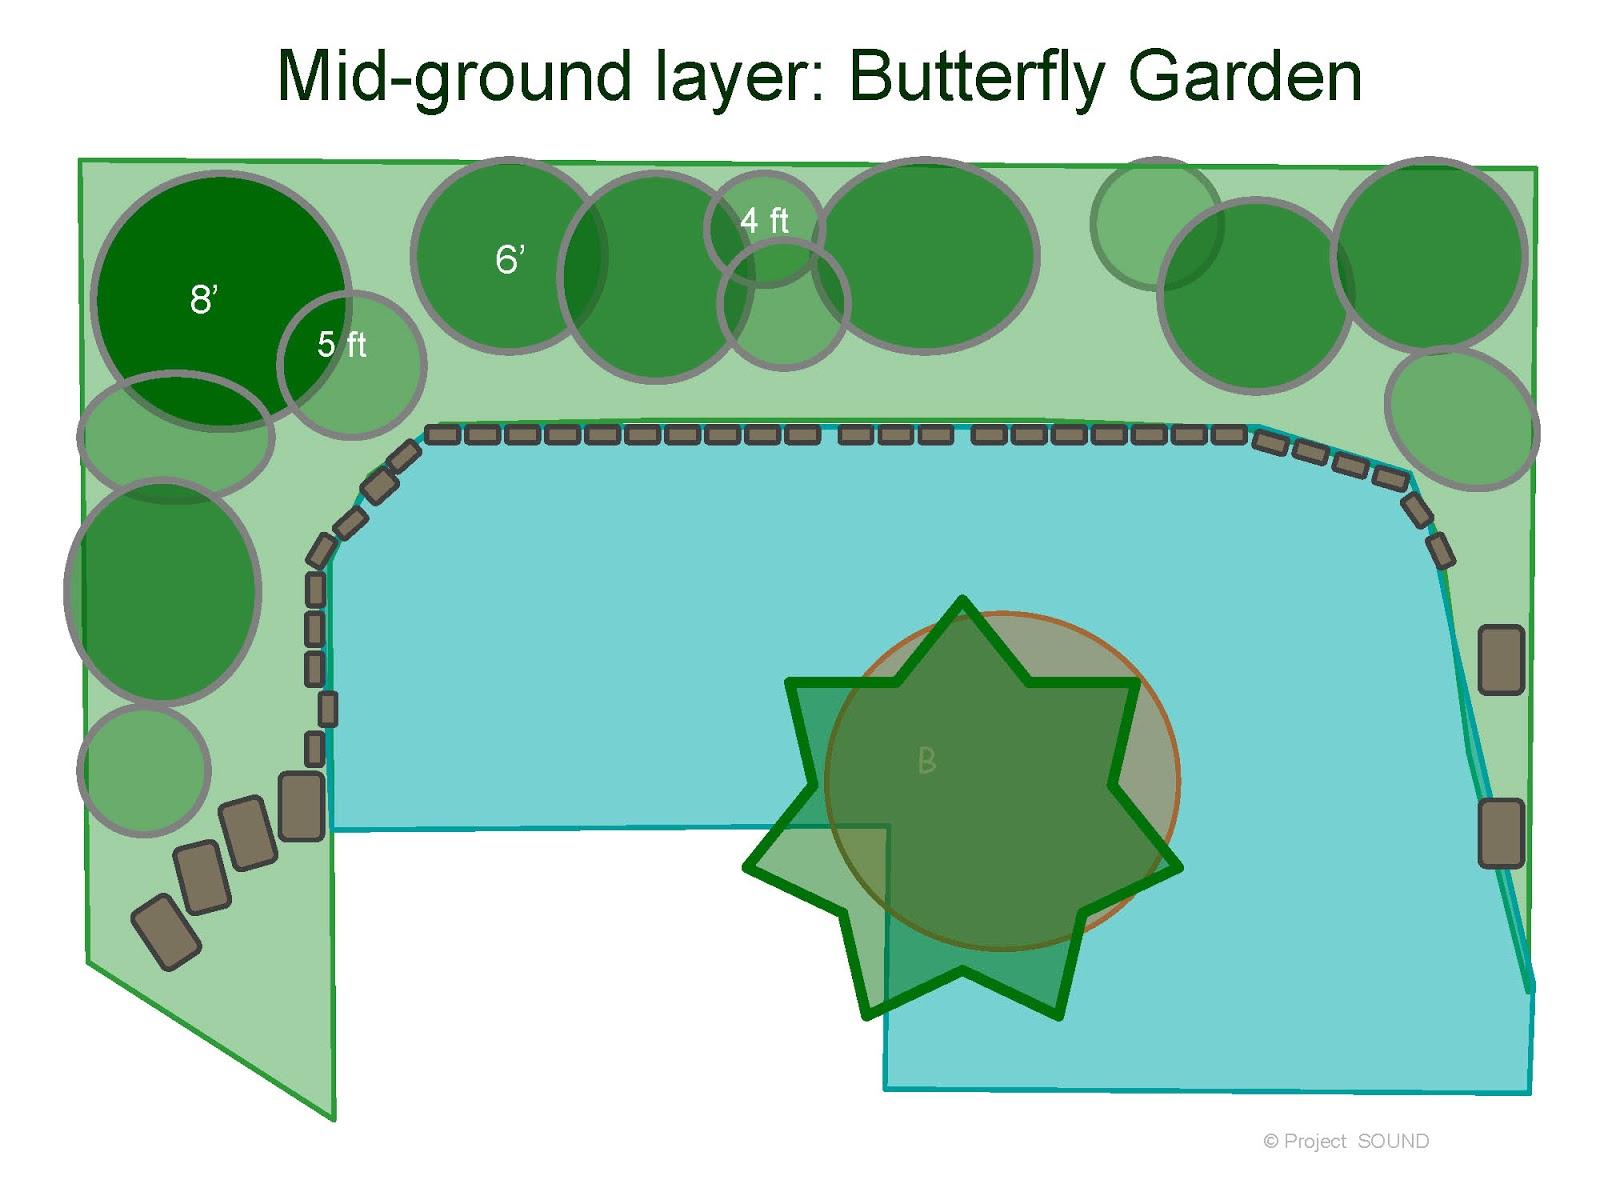 flowers diy butterfly garden landscaping part 1 butterfly garden